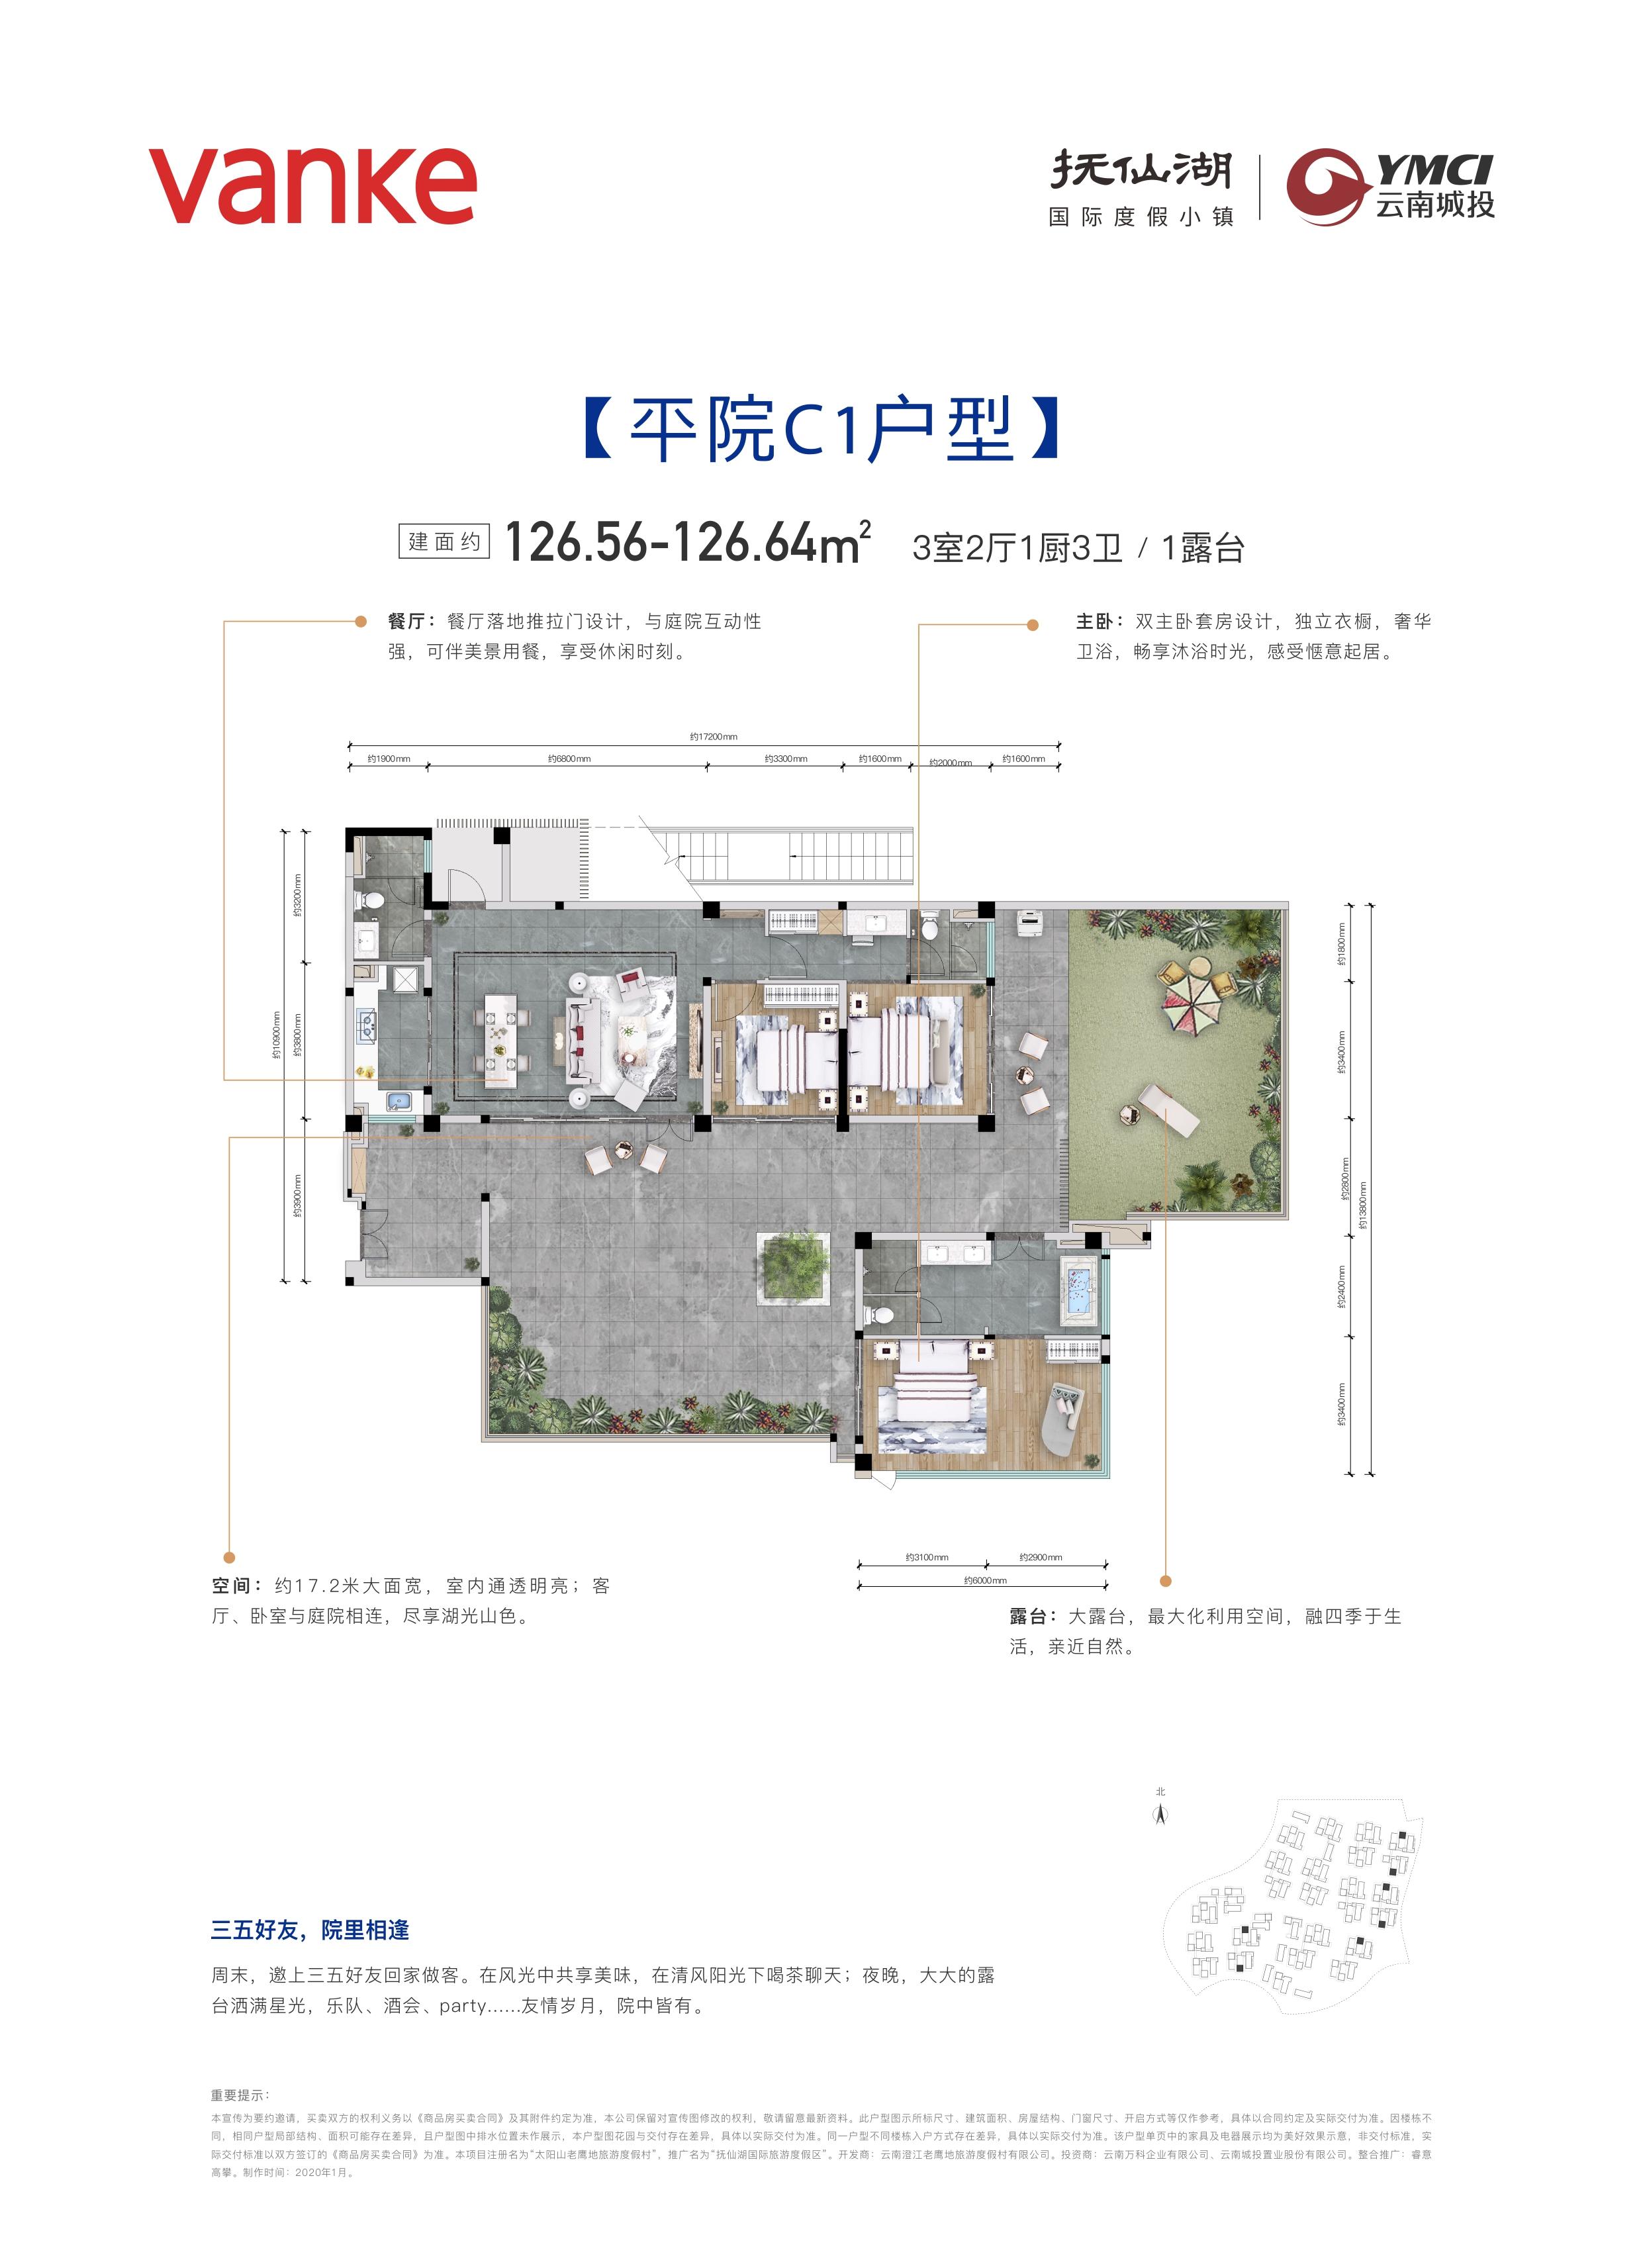 微信图片_20200501103525.jpg